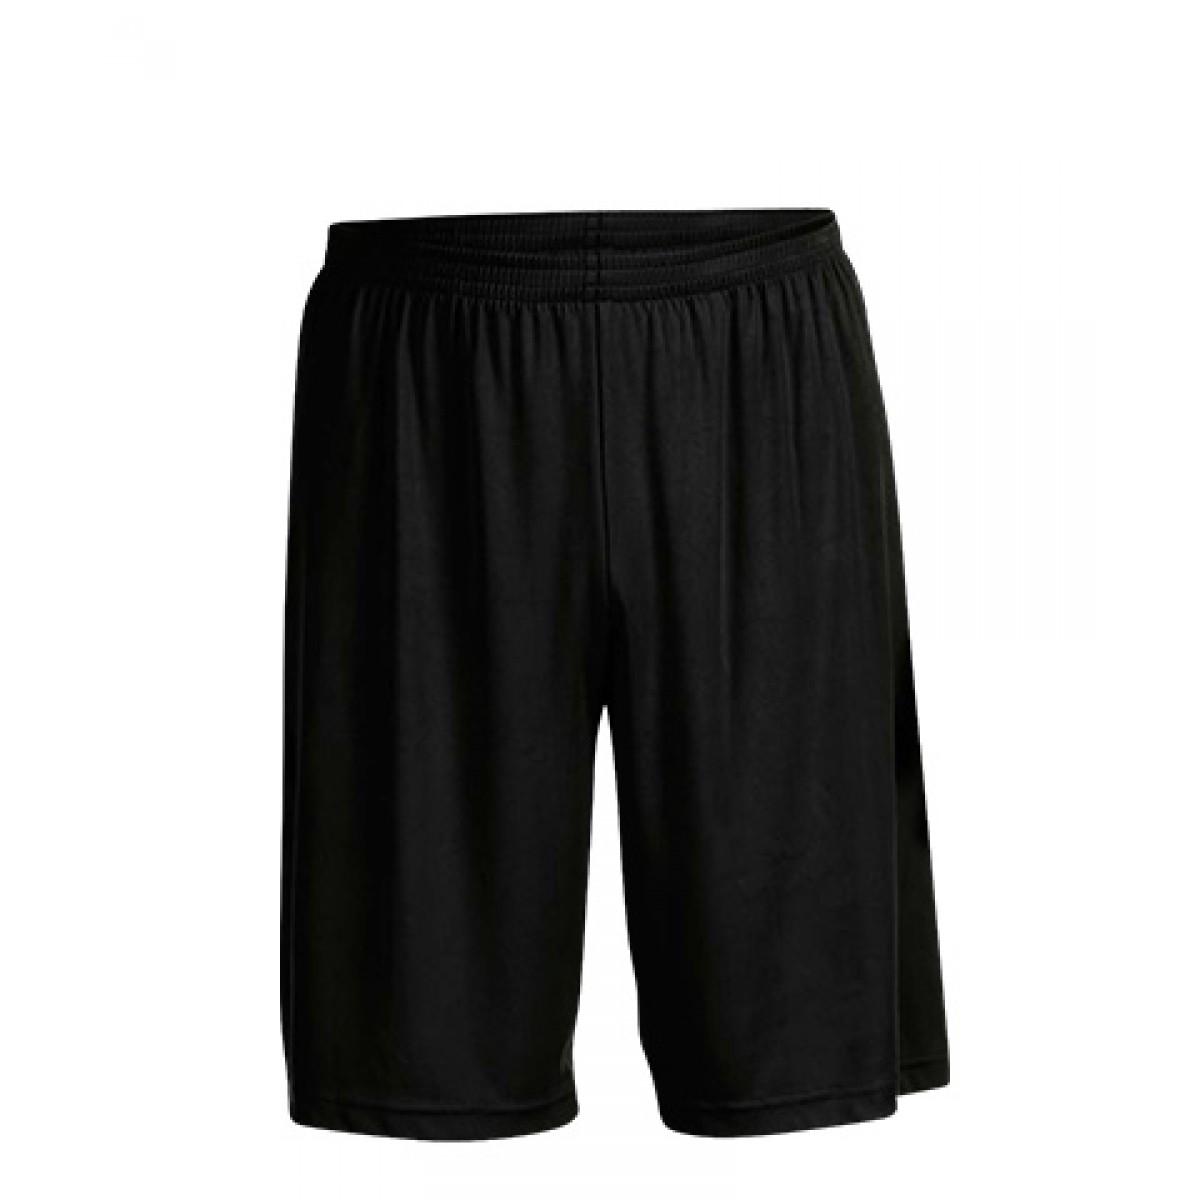 Men's Performance Shorts-Black-S